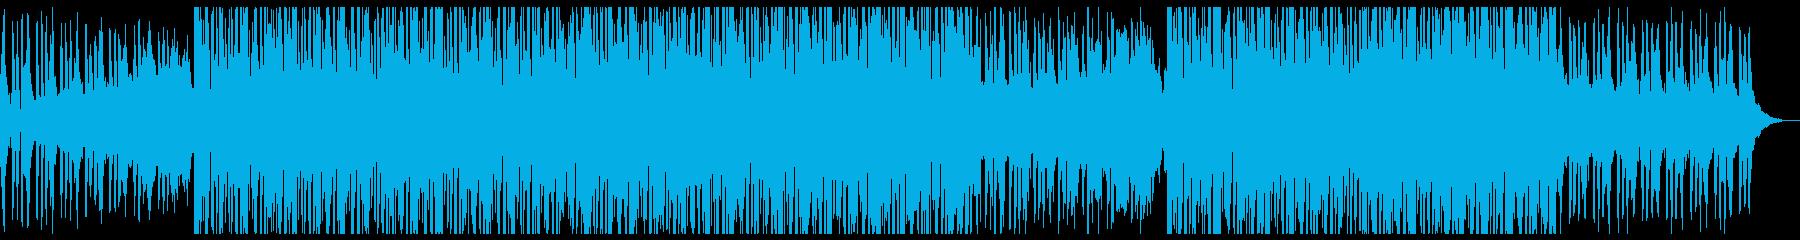 ベルがおしゃれなチルポップトラック♪の再生済みの波形